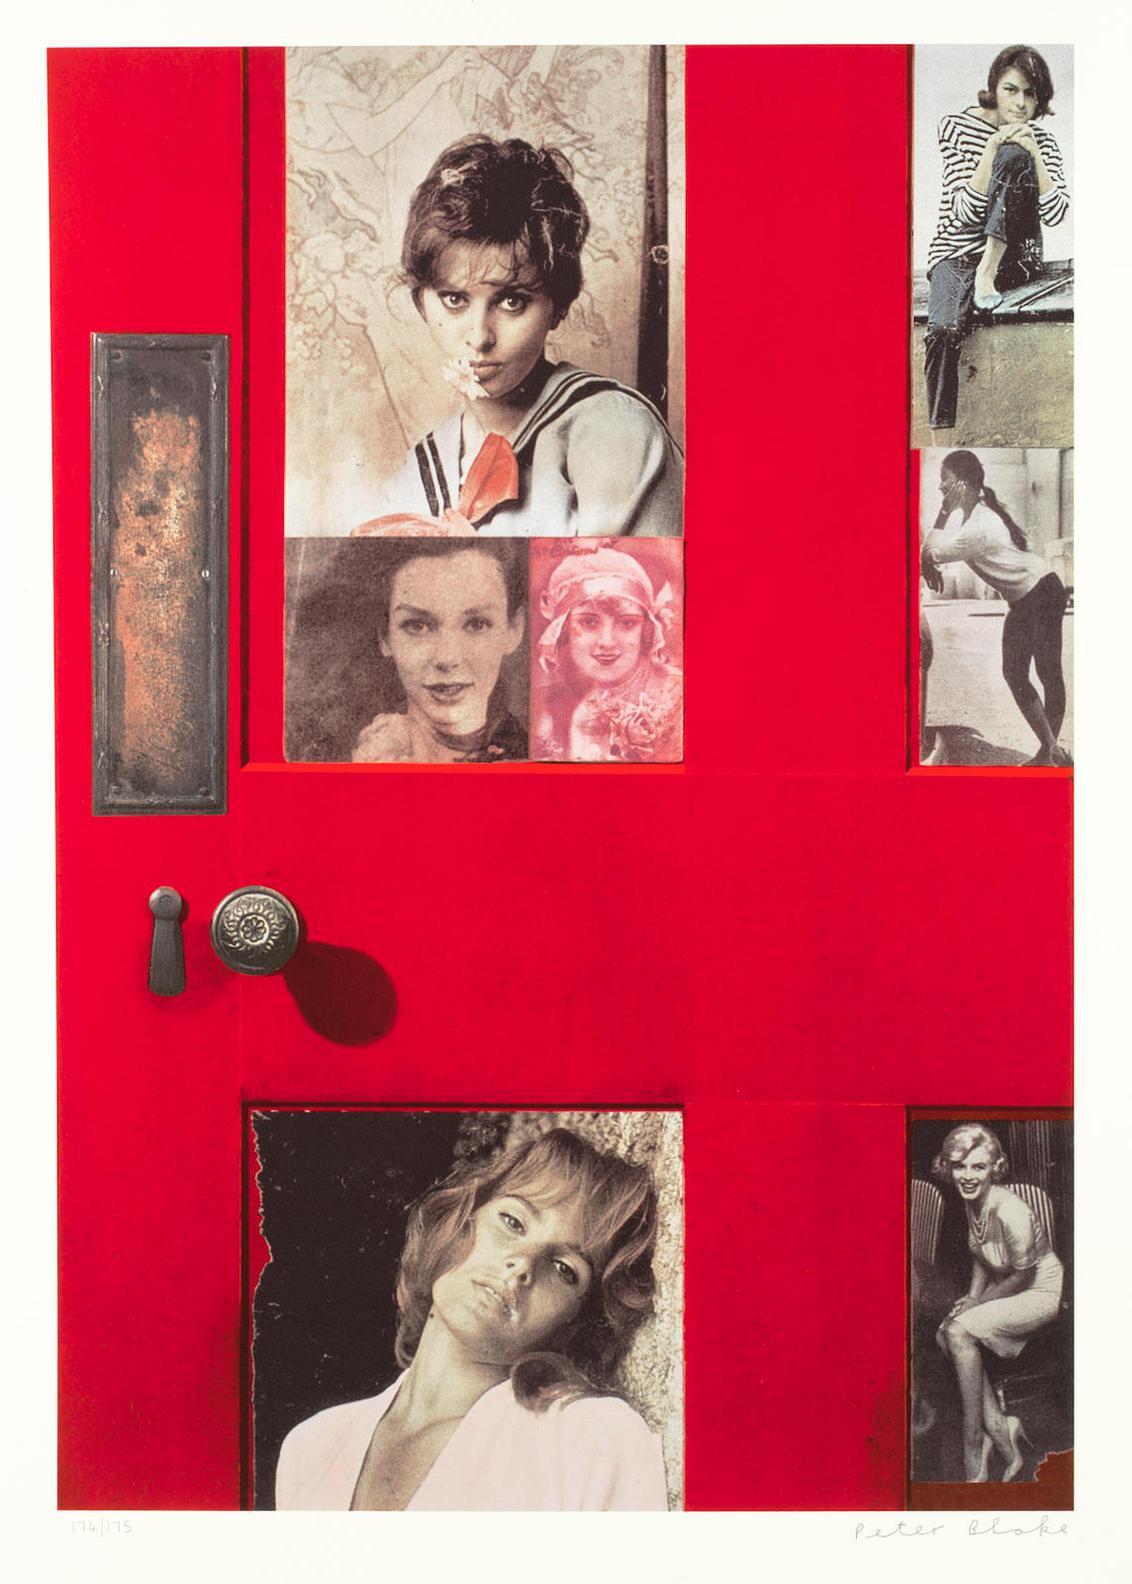 Sir Peter Blake - Girlie Door, From Replay-2008